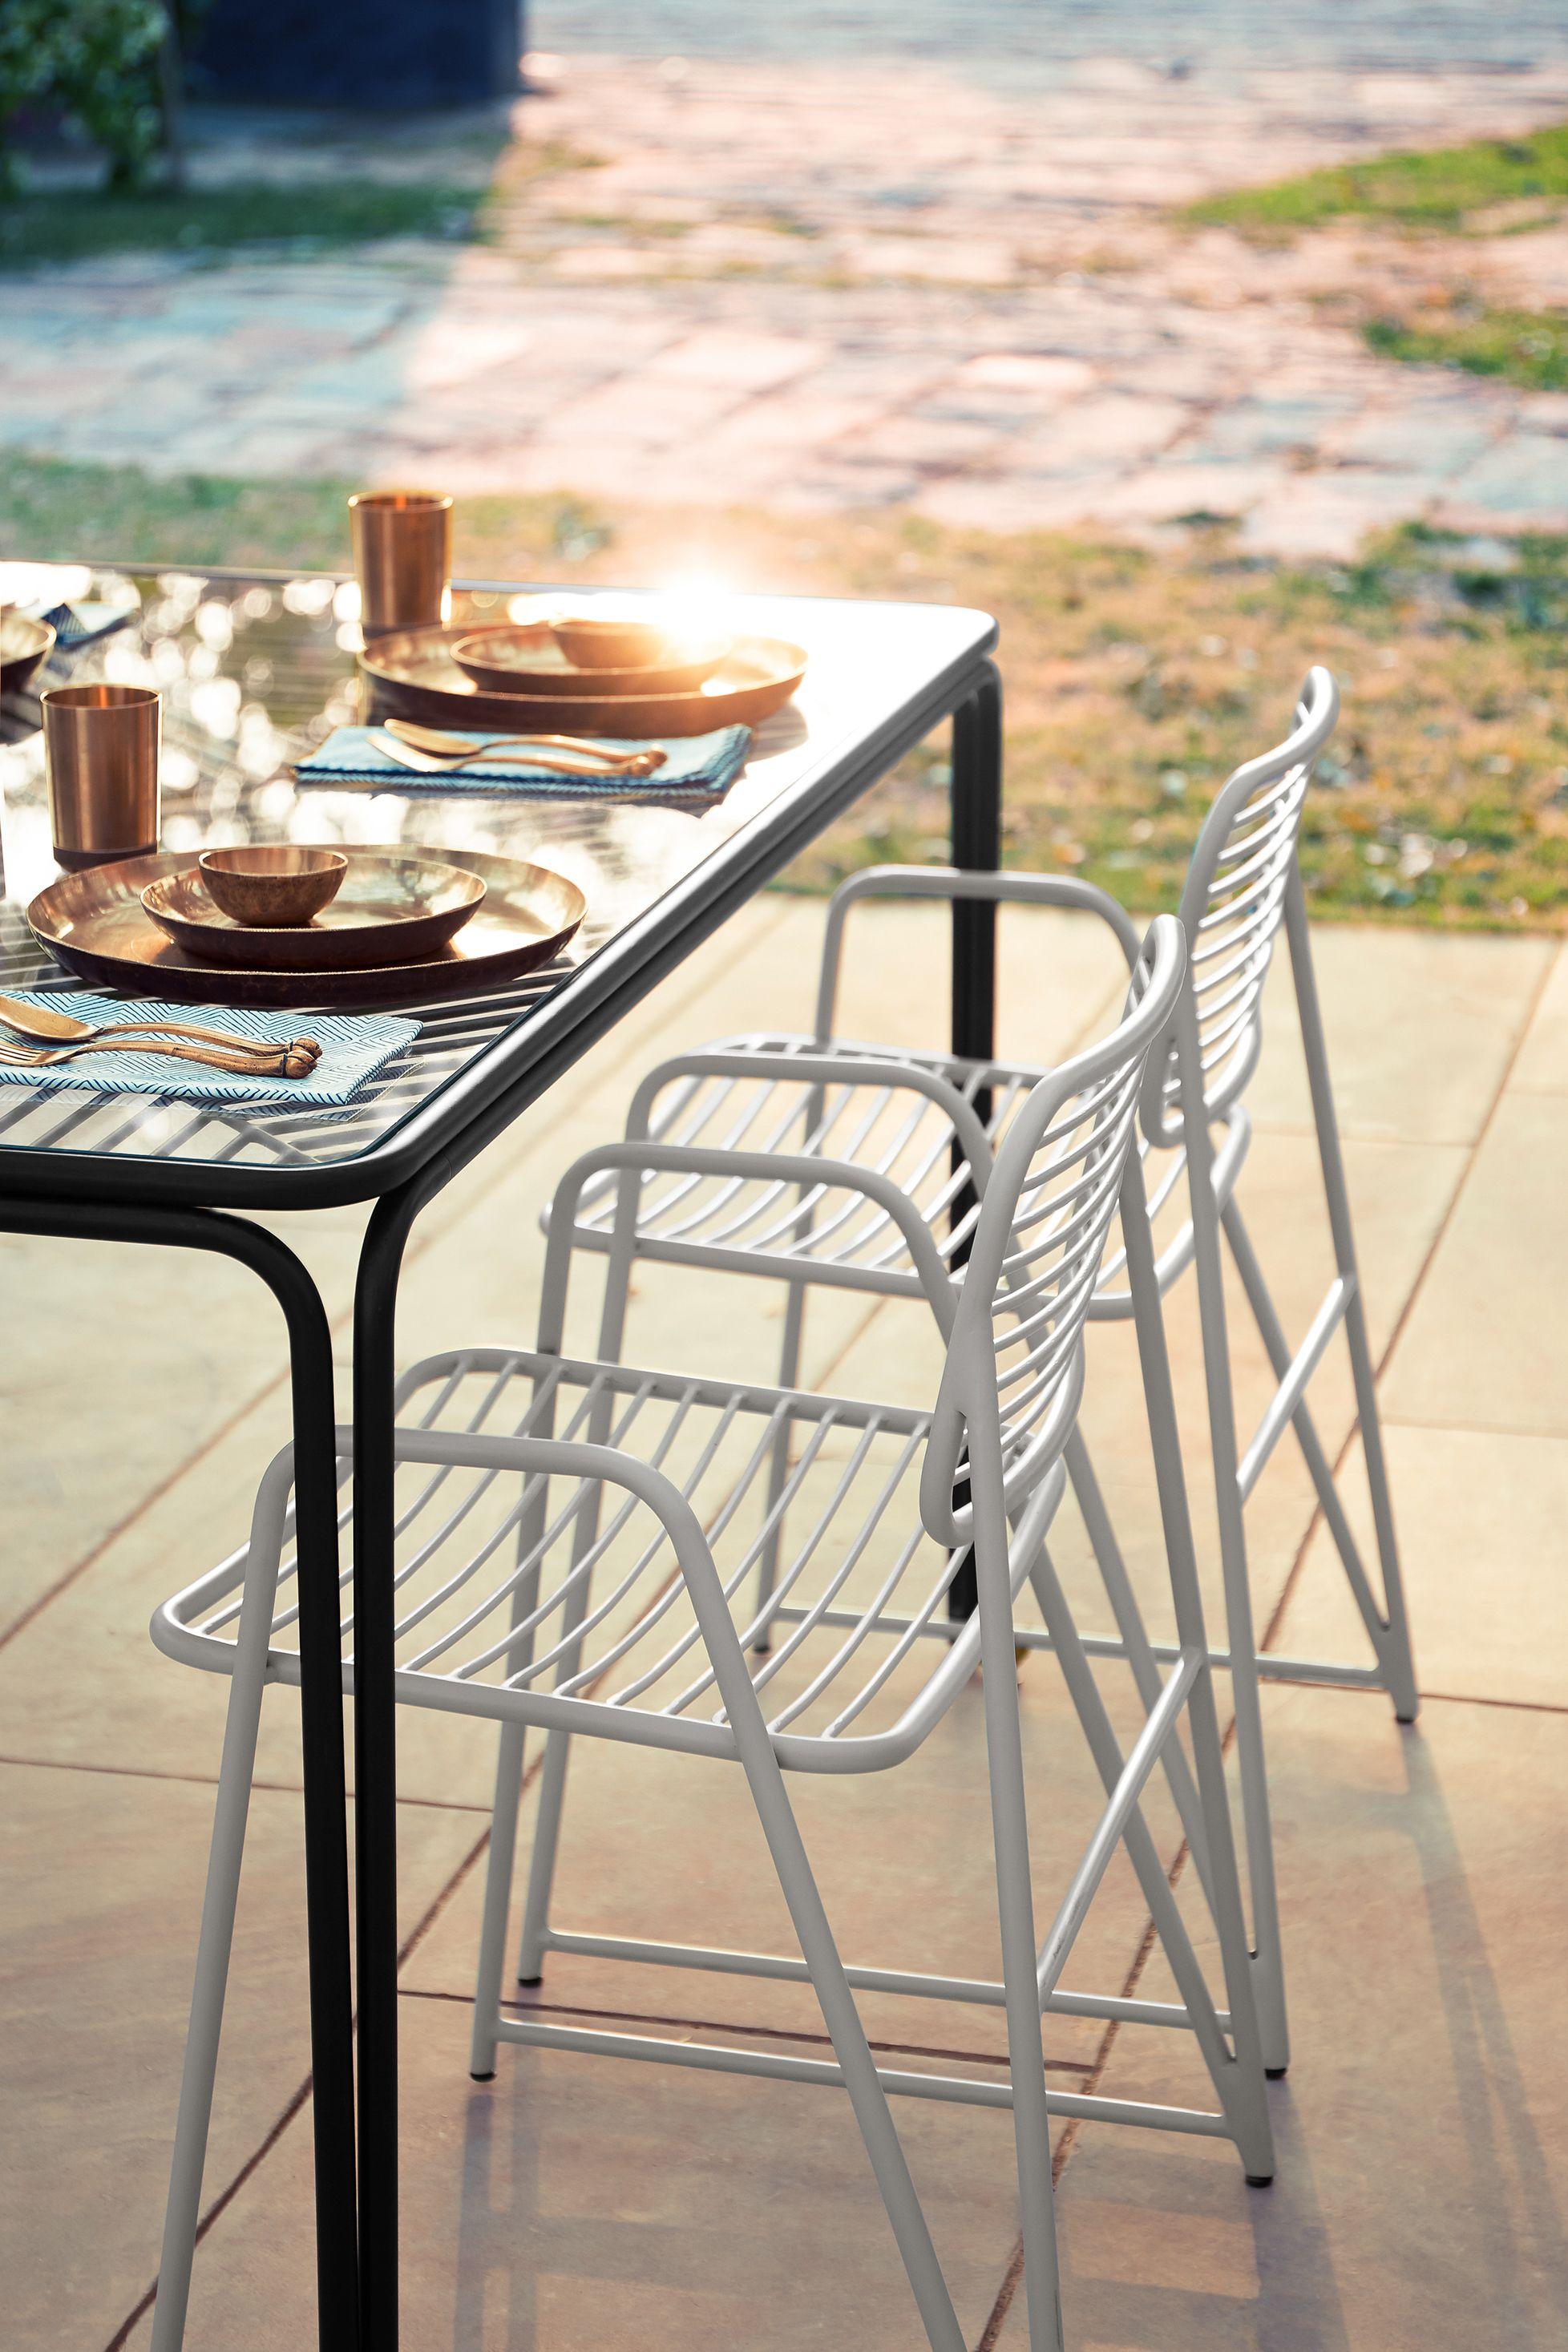 Swoon's new outdoor furniture range